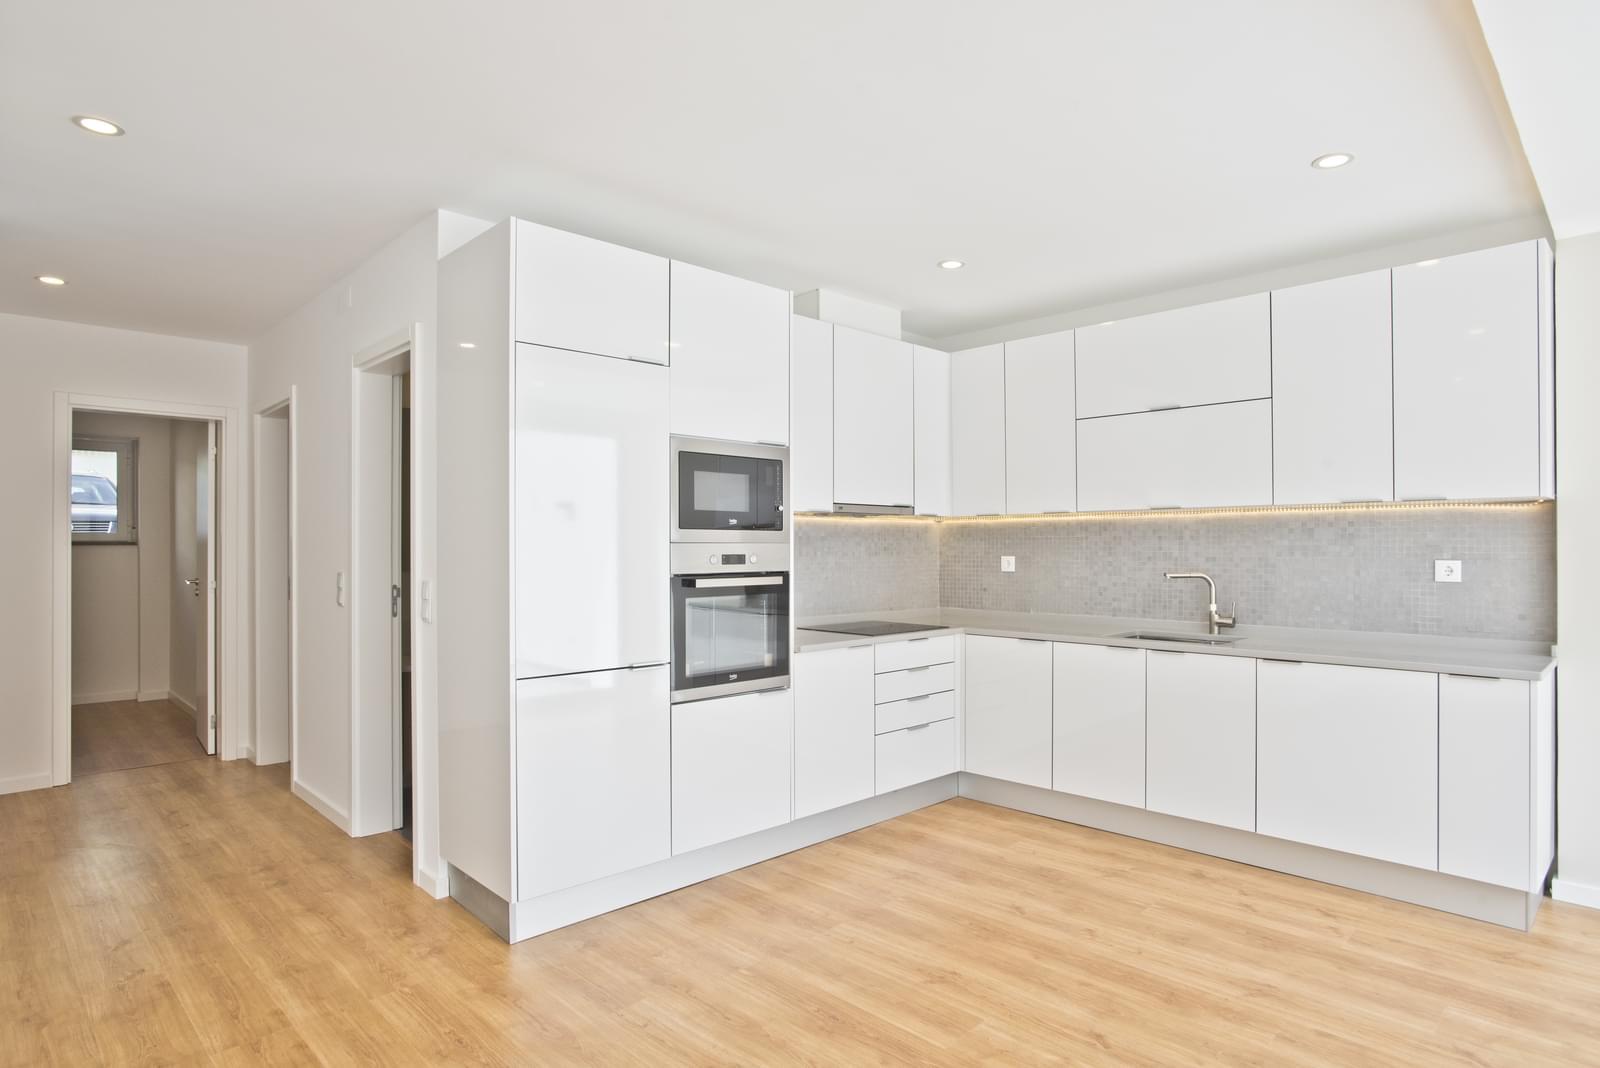 pf16986-apartamento-t2-cascais-c64262a5-6132-4b54-8784-53691bf58072